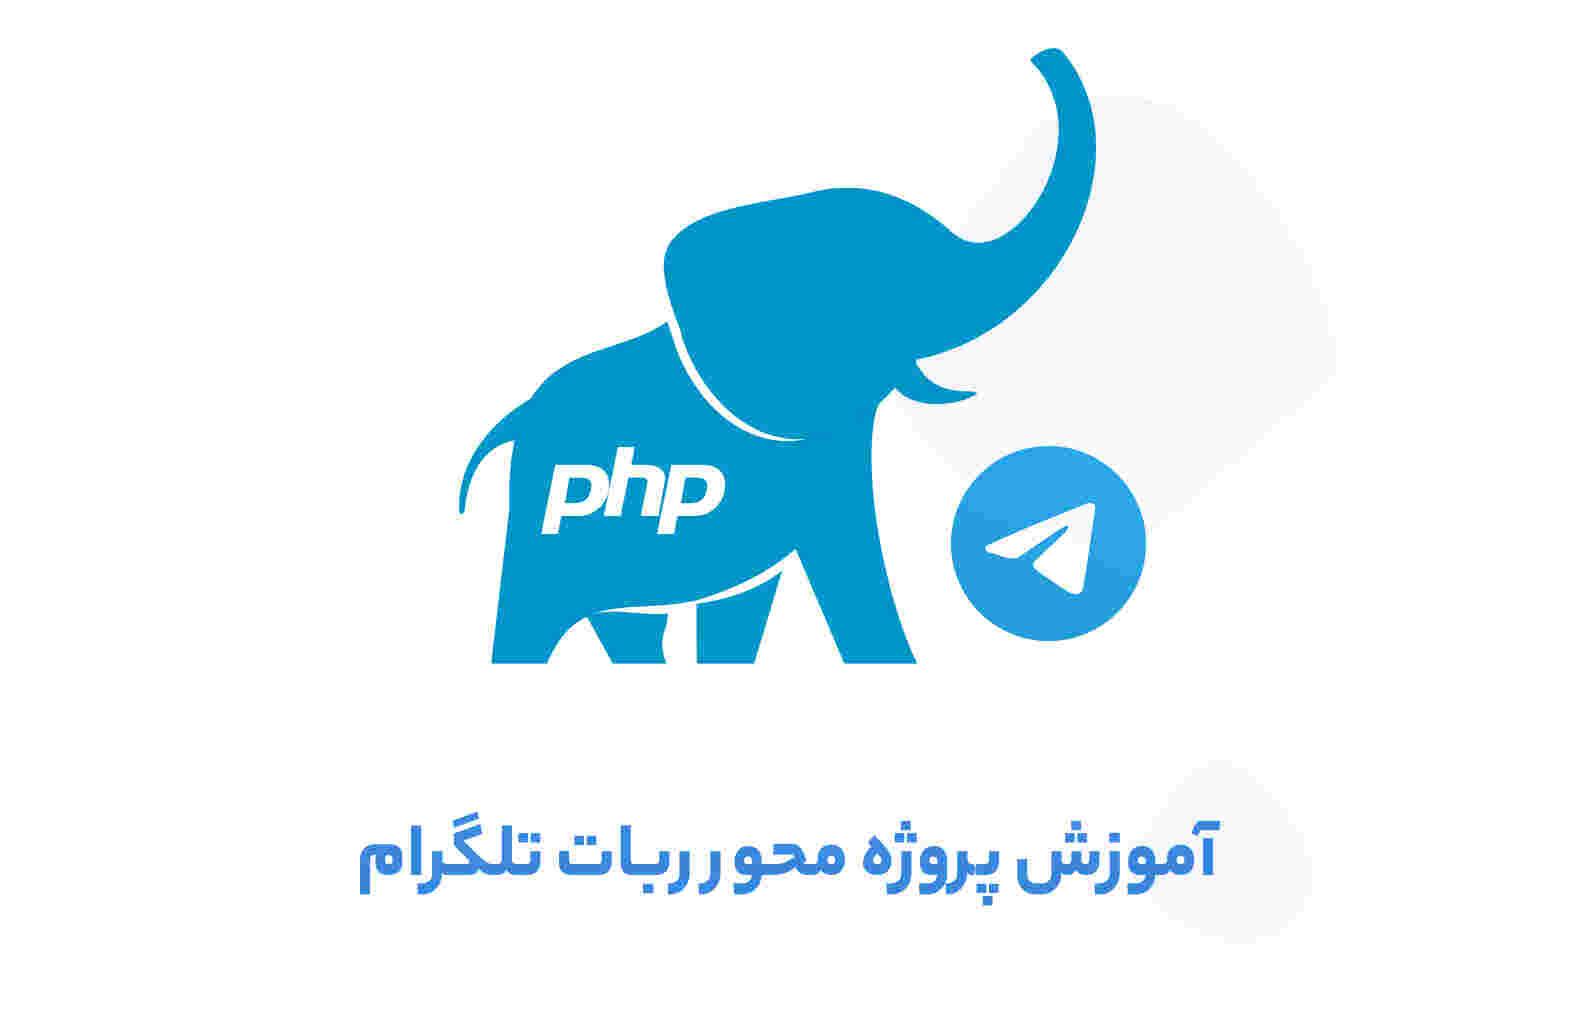 آموزش ساخت ربات تلگرام با php – صفر تا صد و پروژه محور